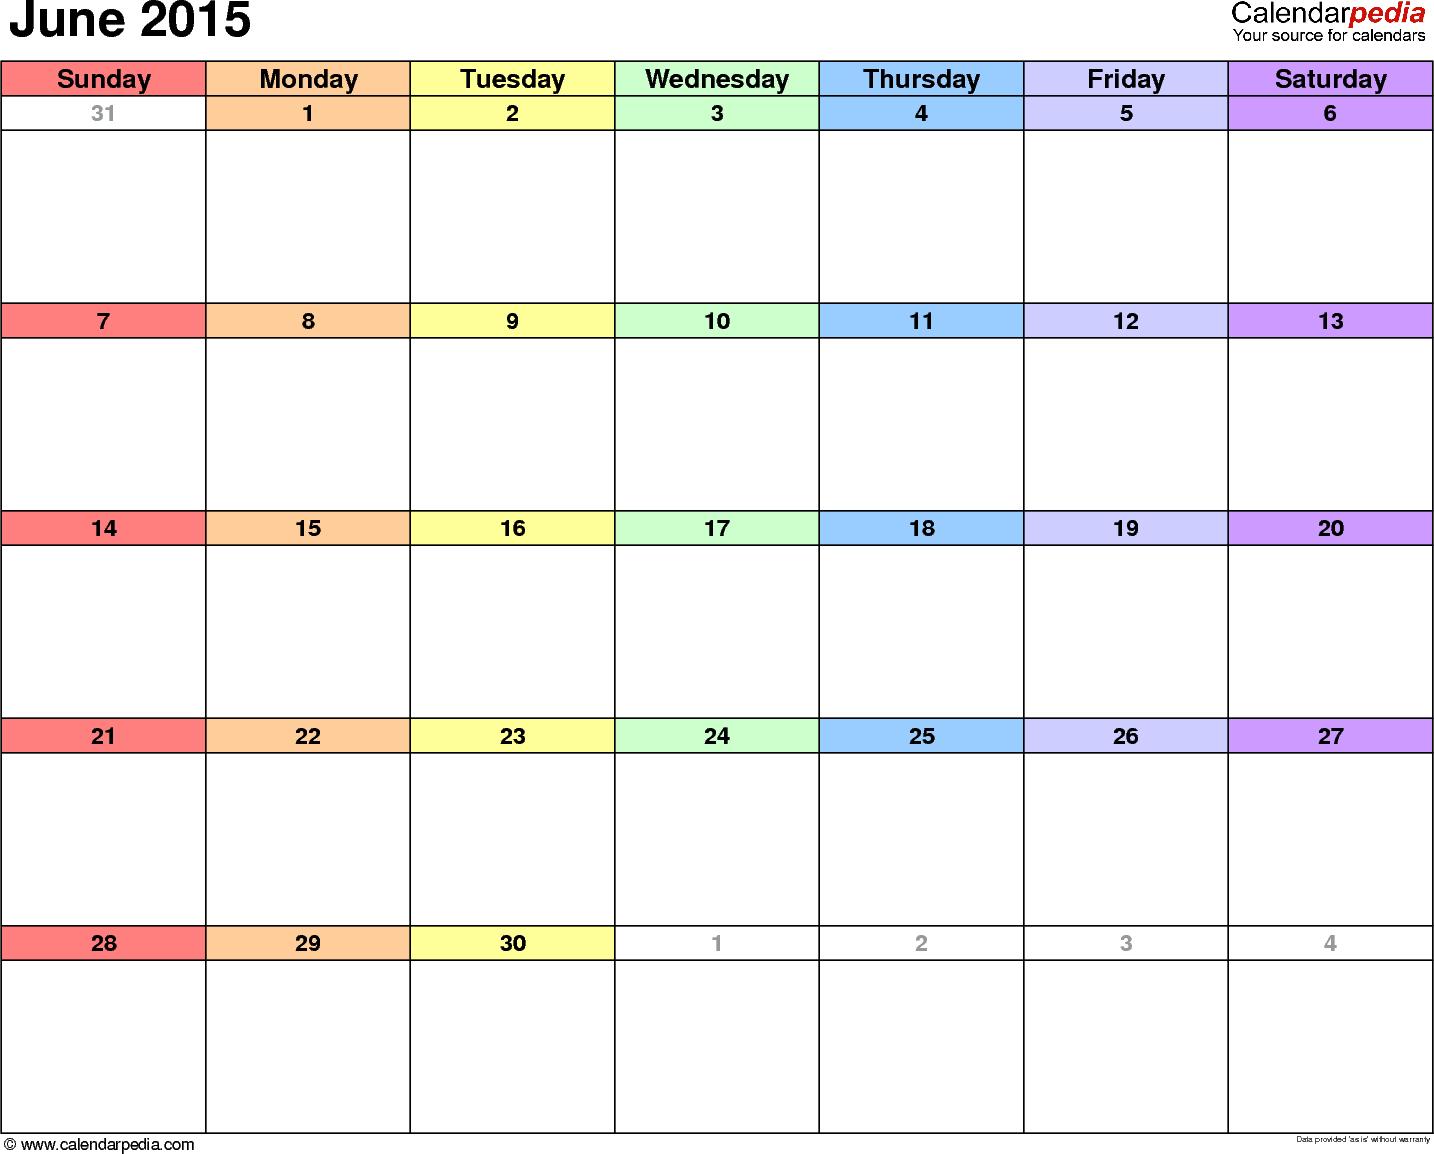 June 2015 calendar printable template